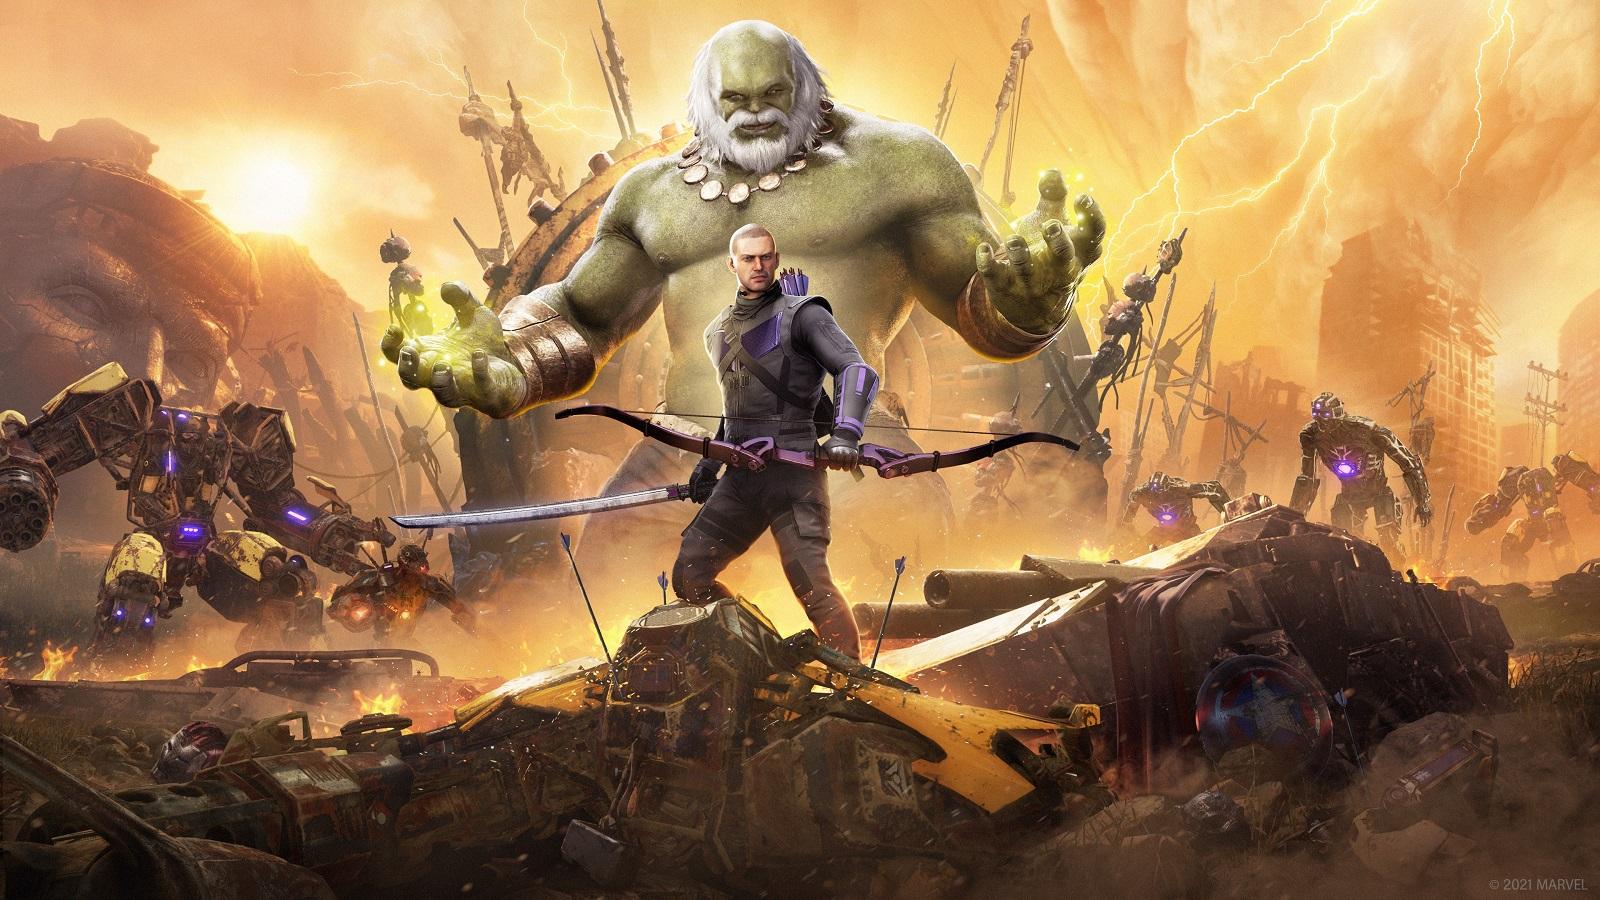 Разработчики Marvel's Avengers расскажут о Хоукае и версиях для консолей нового поколения 16 февраля